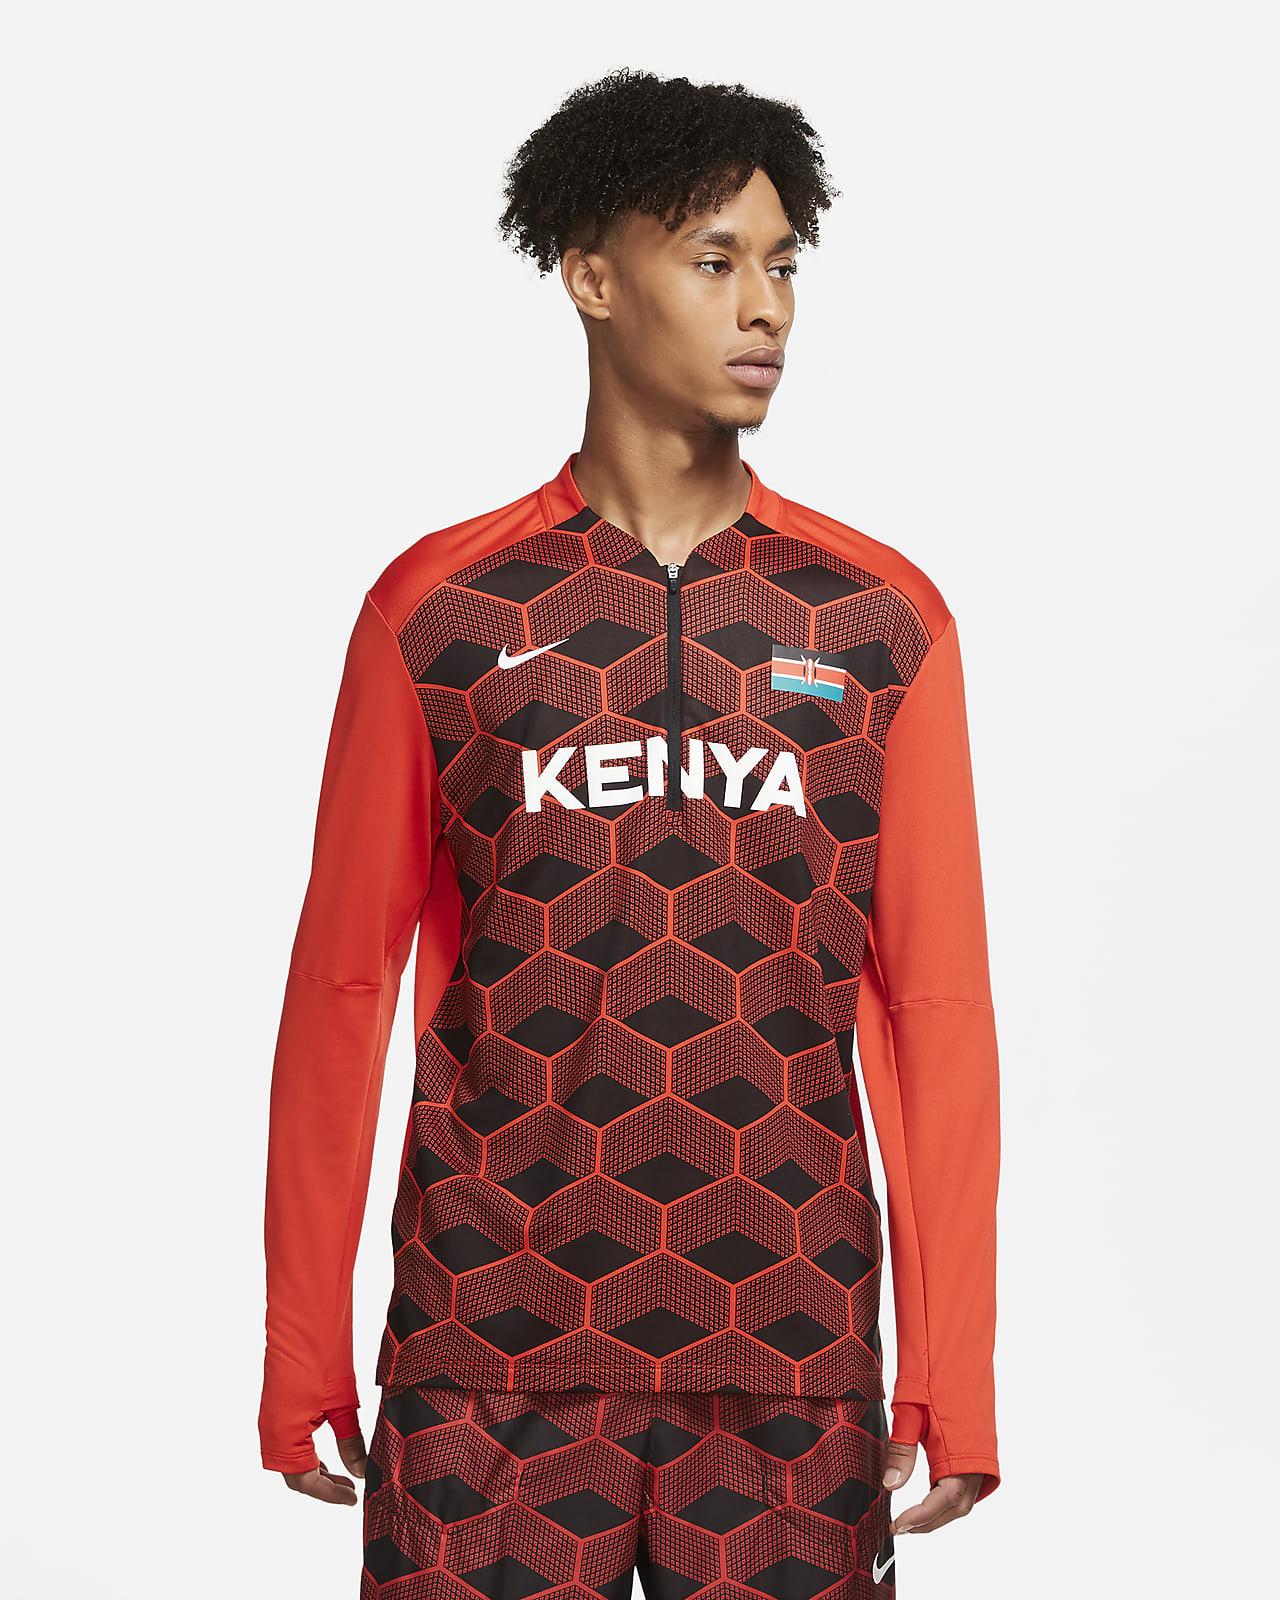 Pánská běžecká mikina Nike Dri-FIT Team Kenya spolovičním zipem